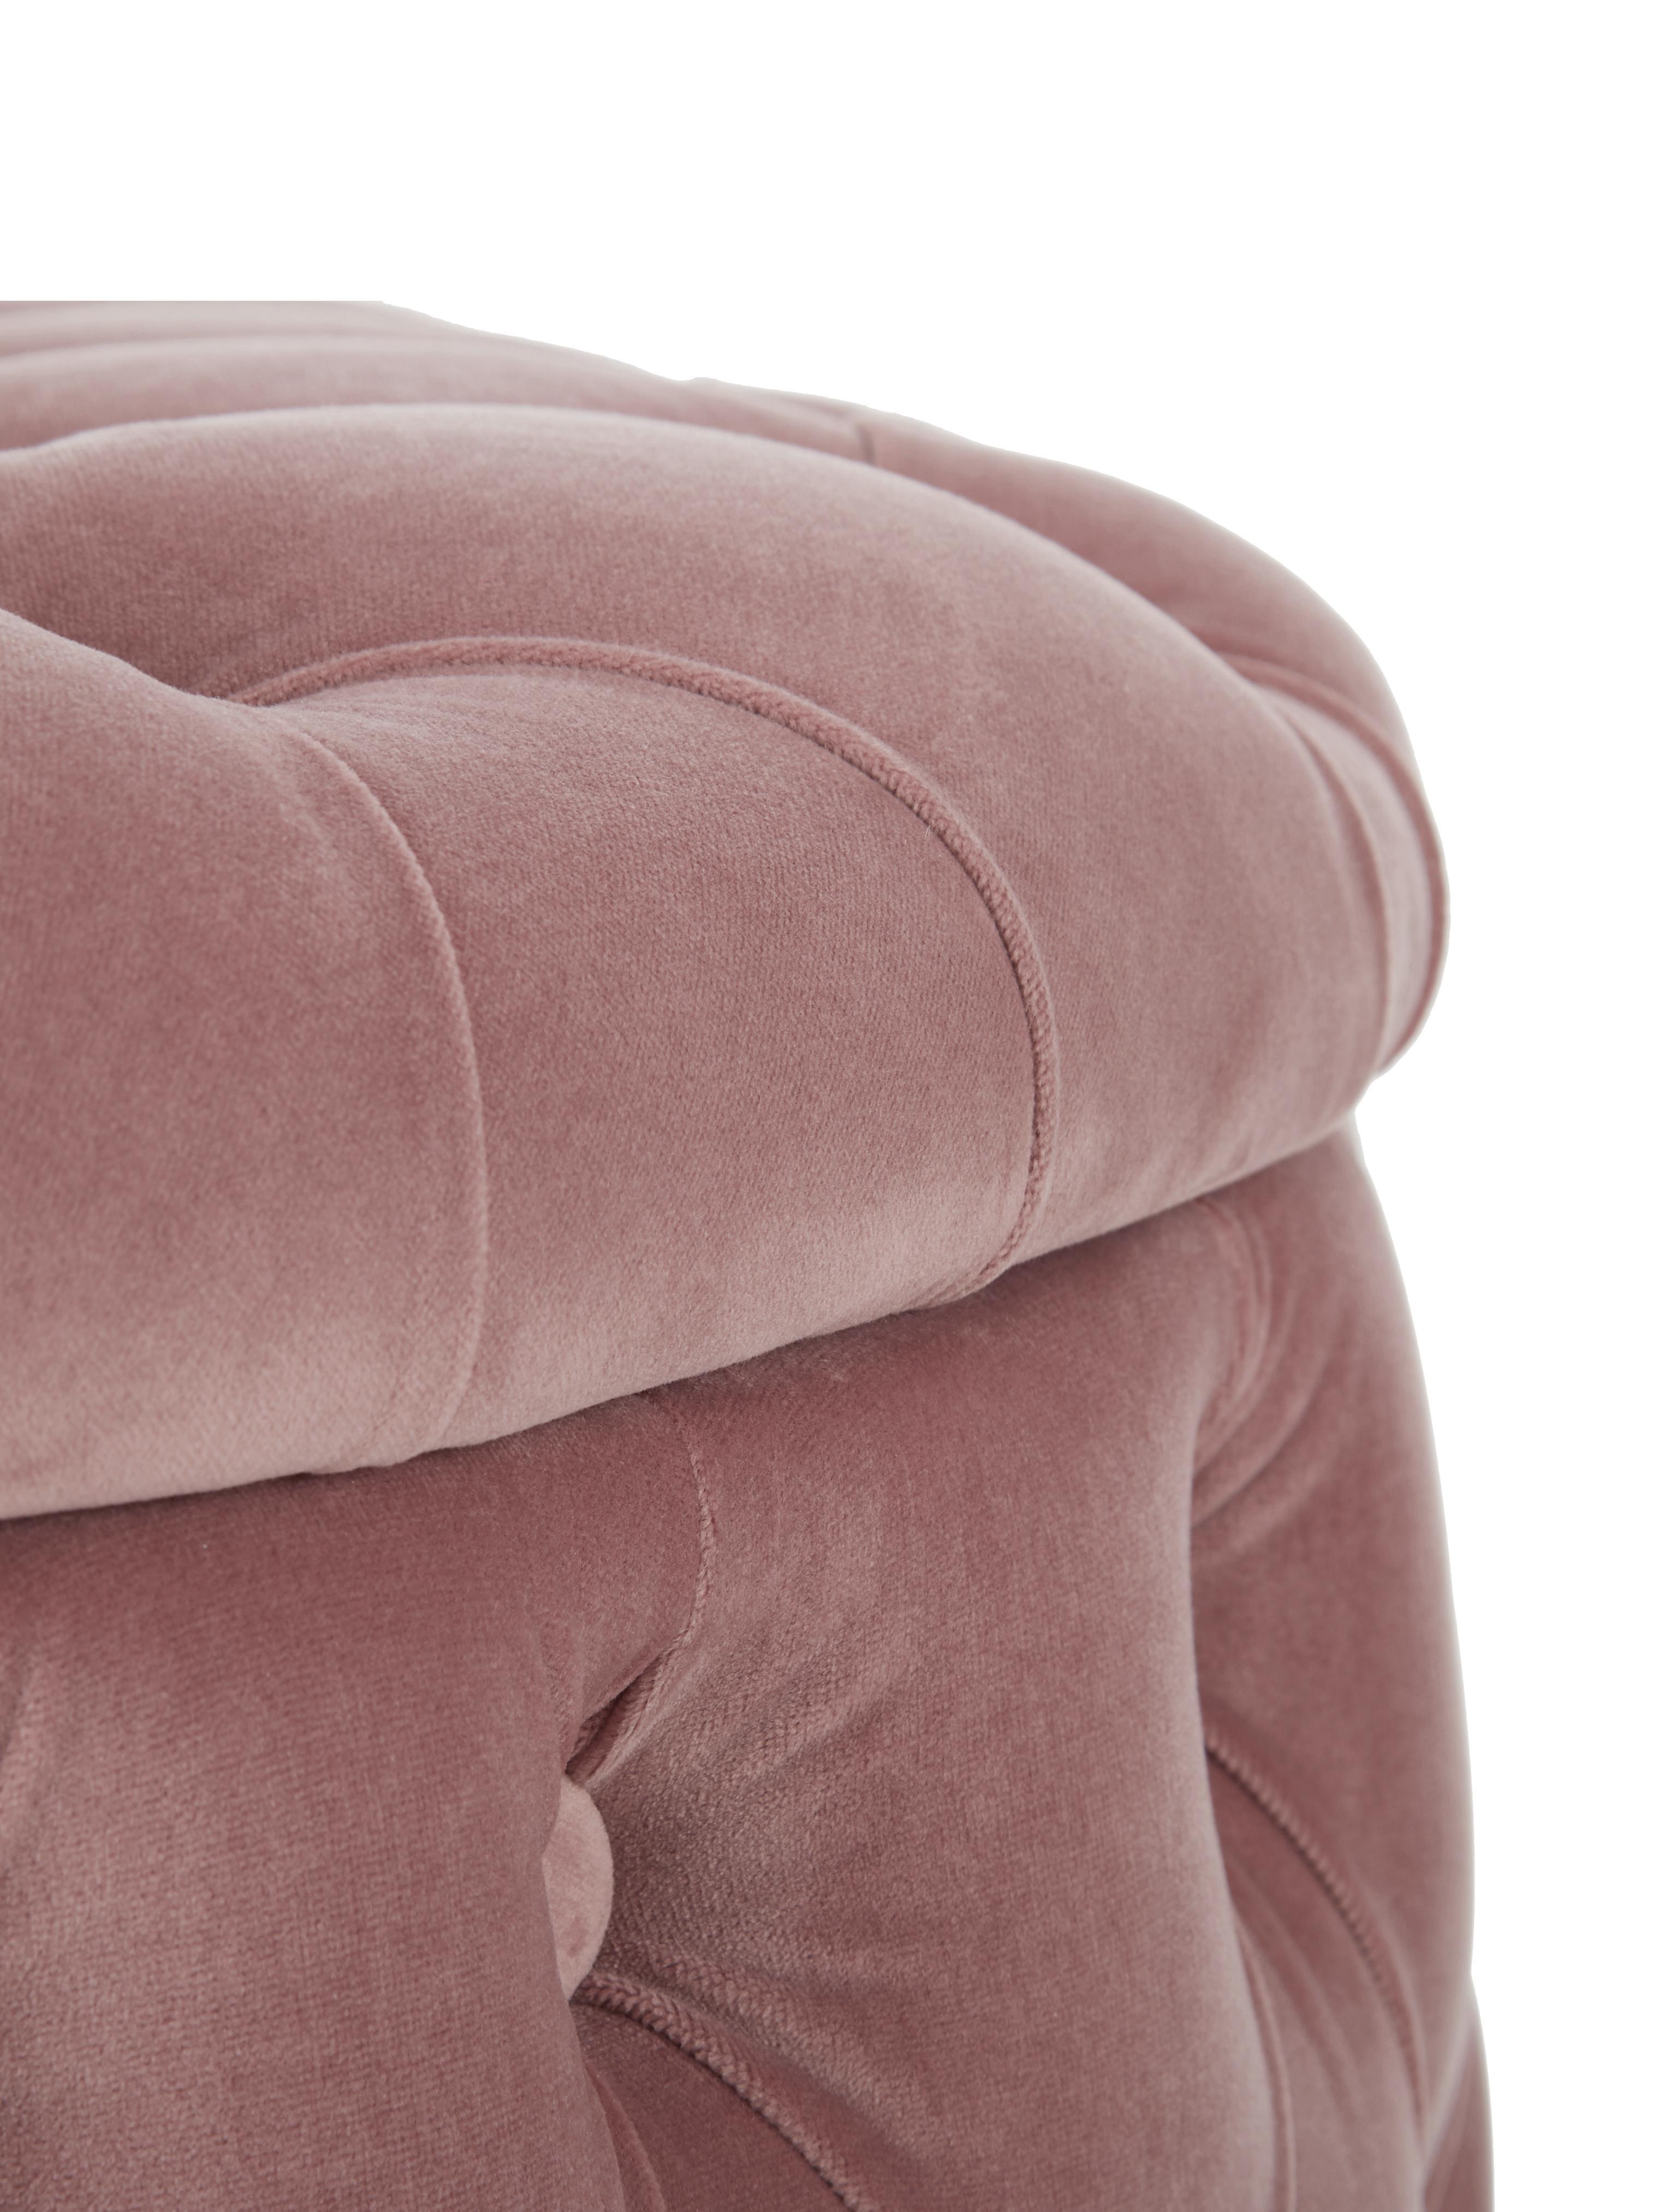 Pouf contenitore in velluto Chiara, Rivestimento: velluto (poliestere) 20.0, Rosa, Ø 70 x Alt. 42 cm